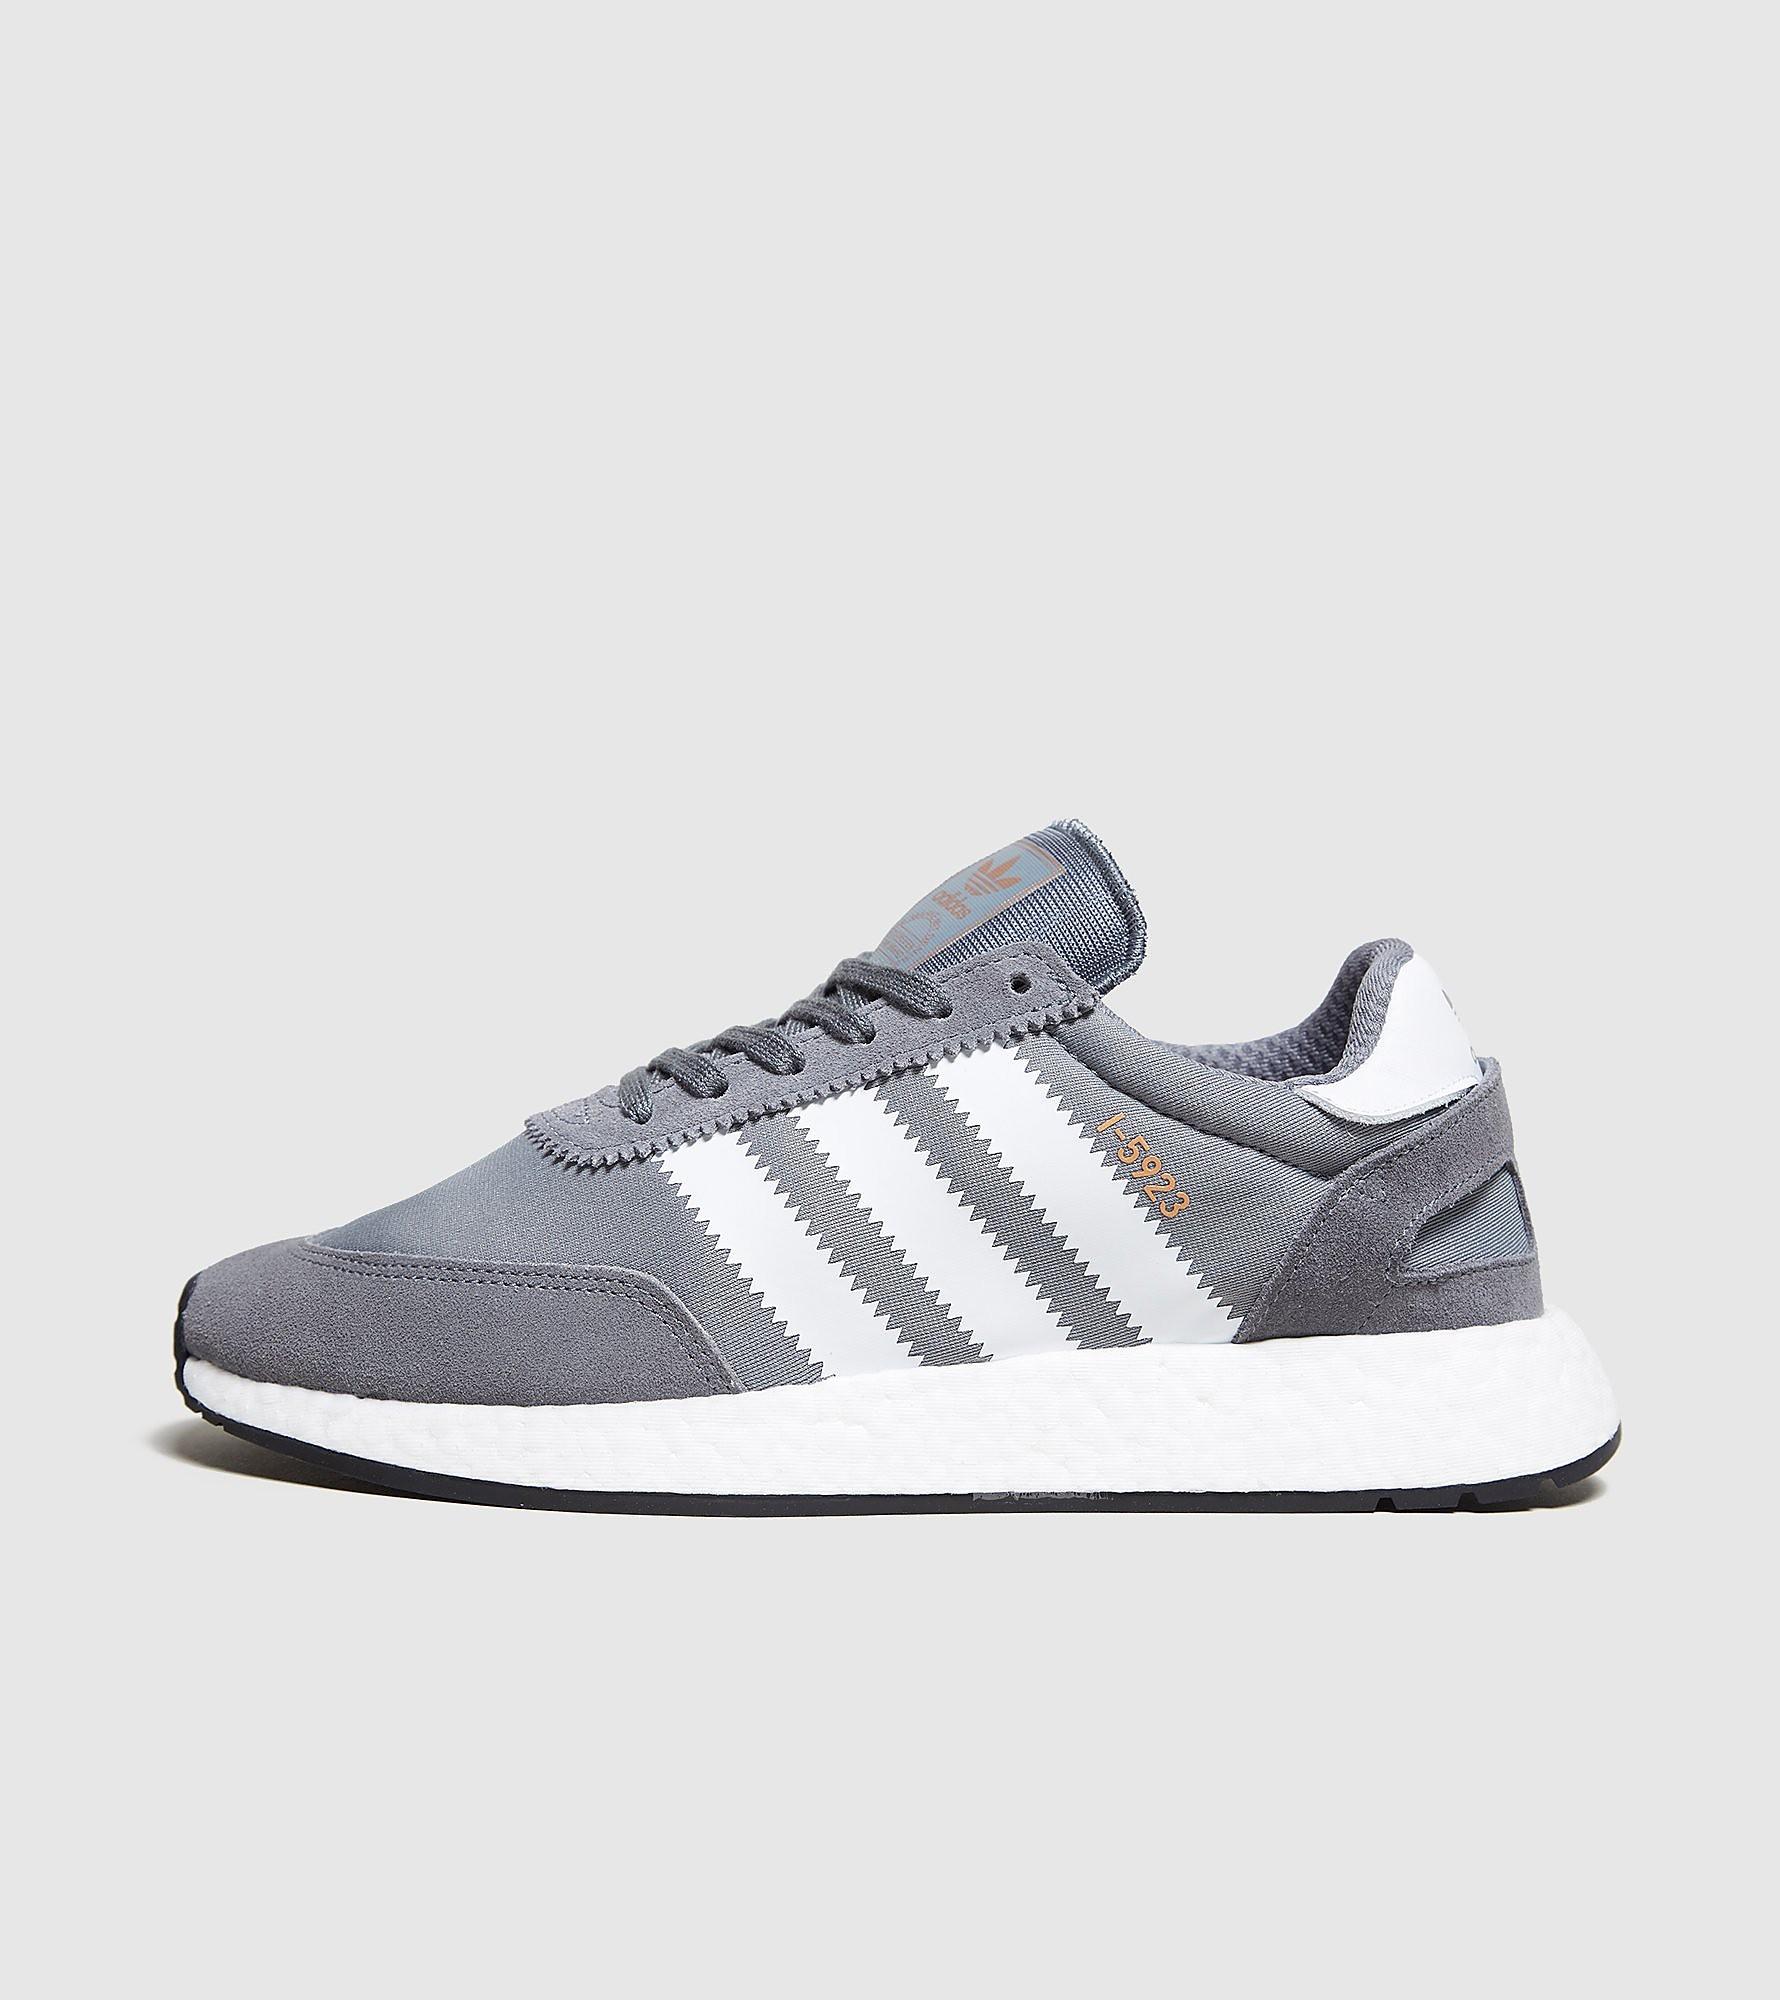 adidas Originals I-5923 Boost, Grey/White